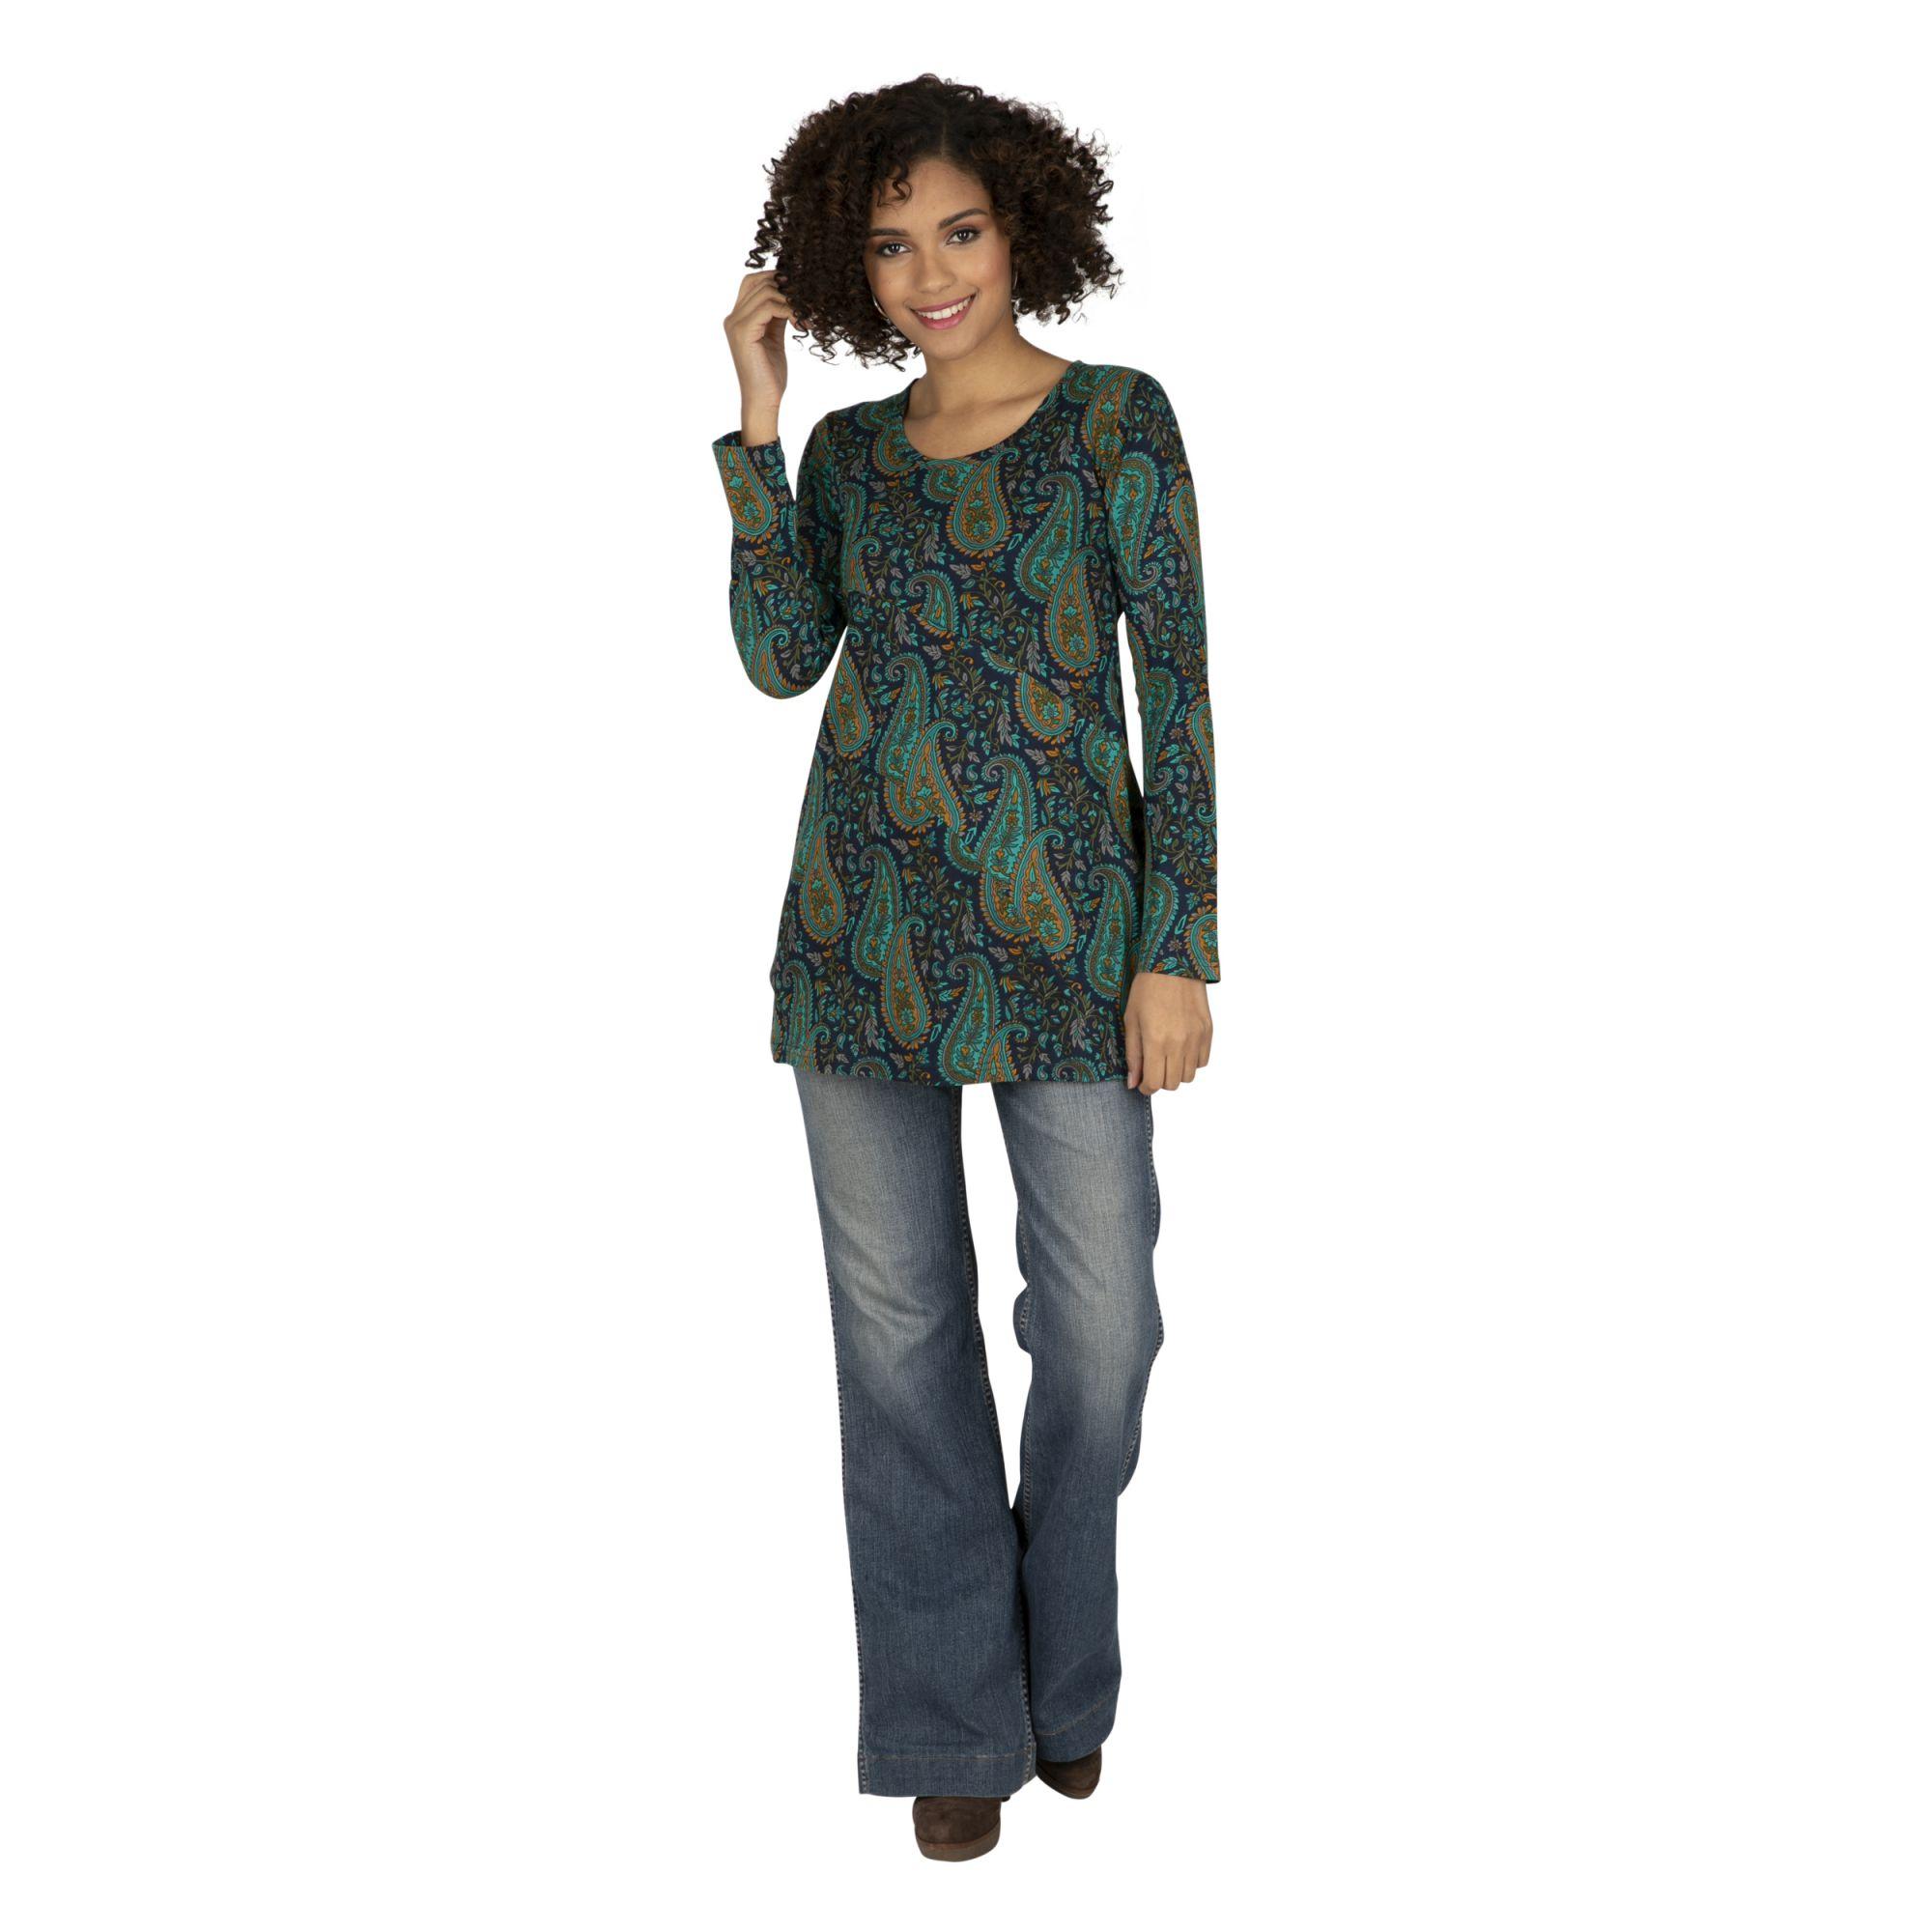 Tunique femme pas chère et fashion colorée Cuamba